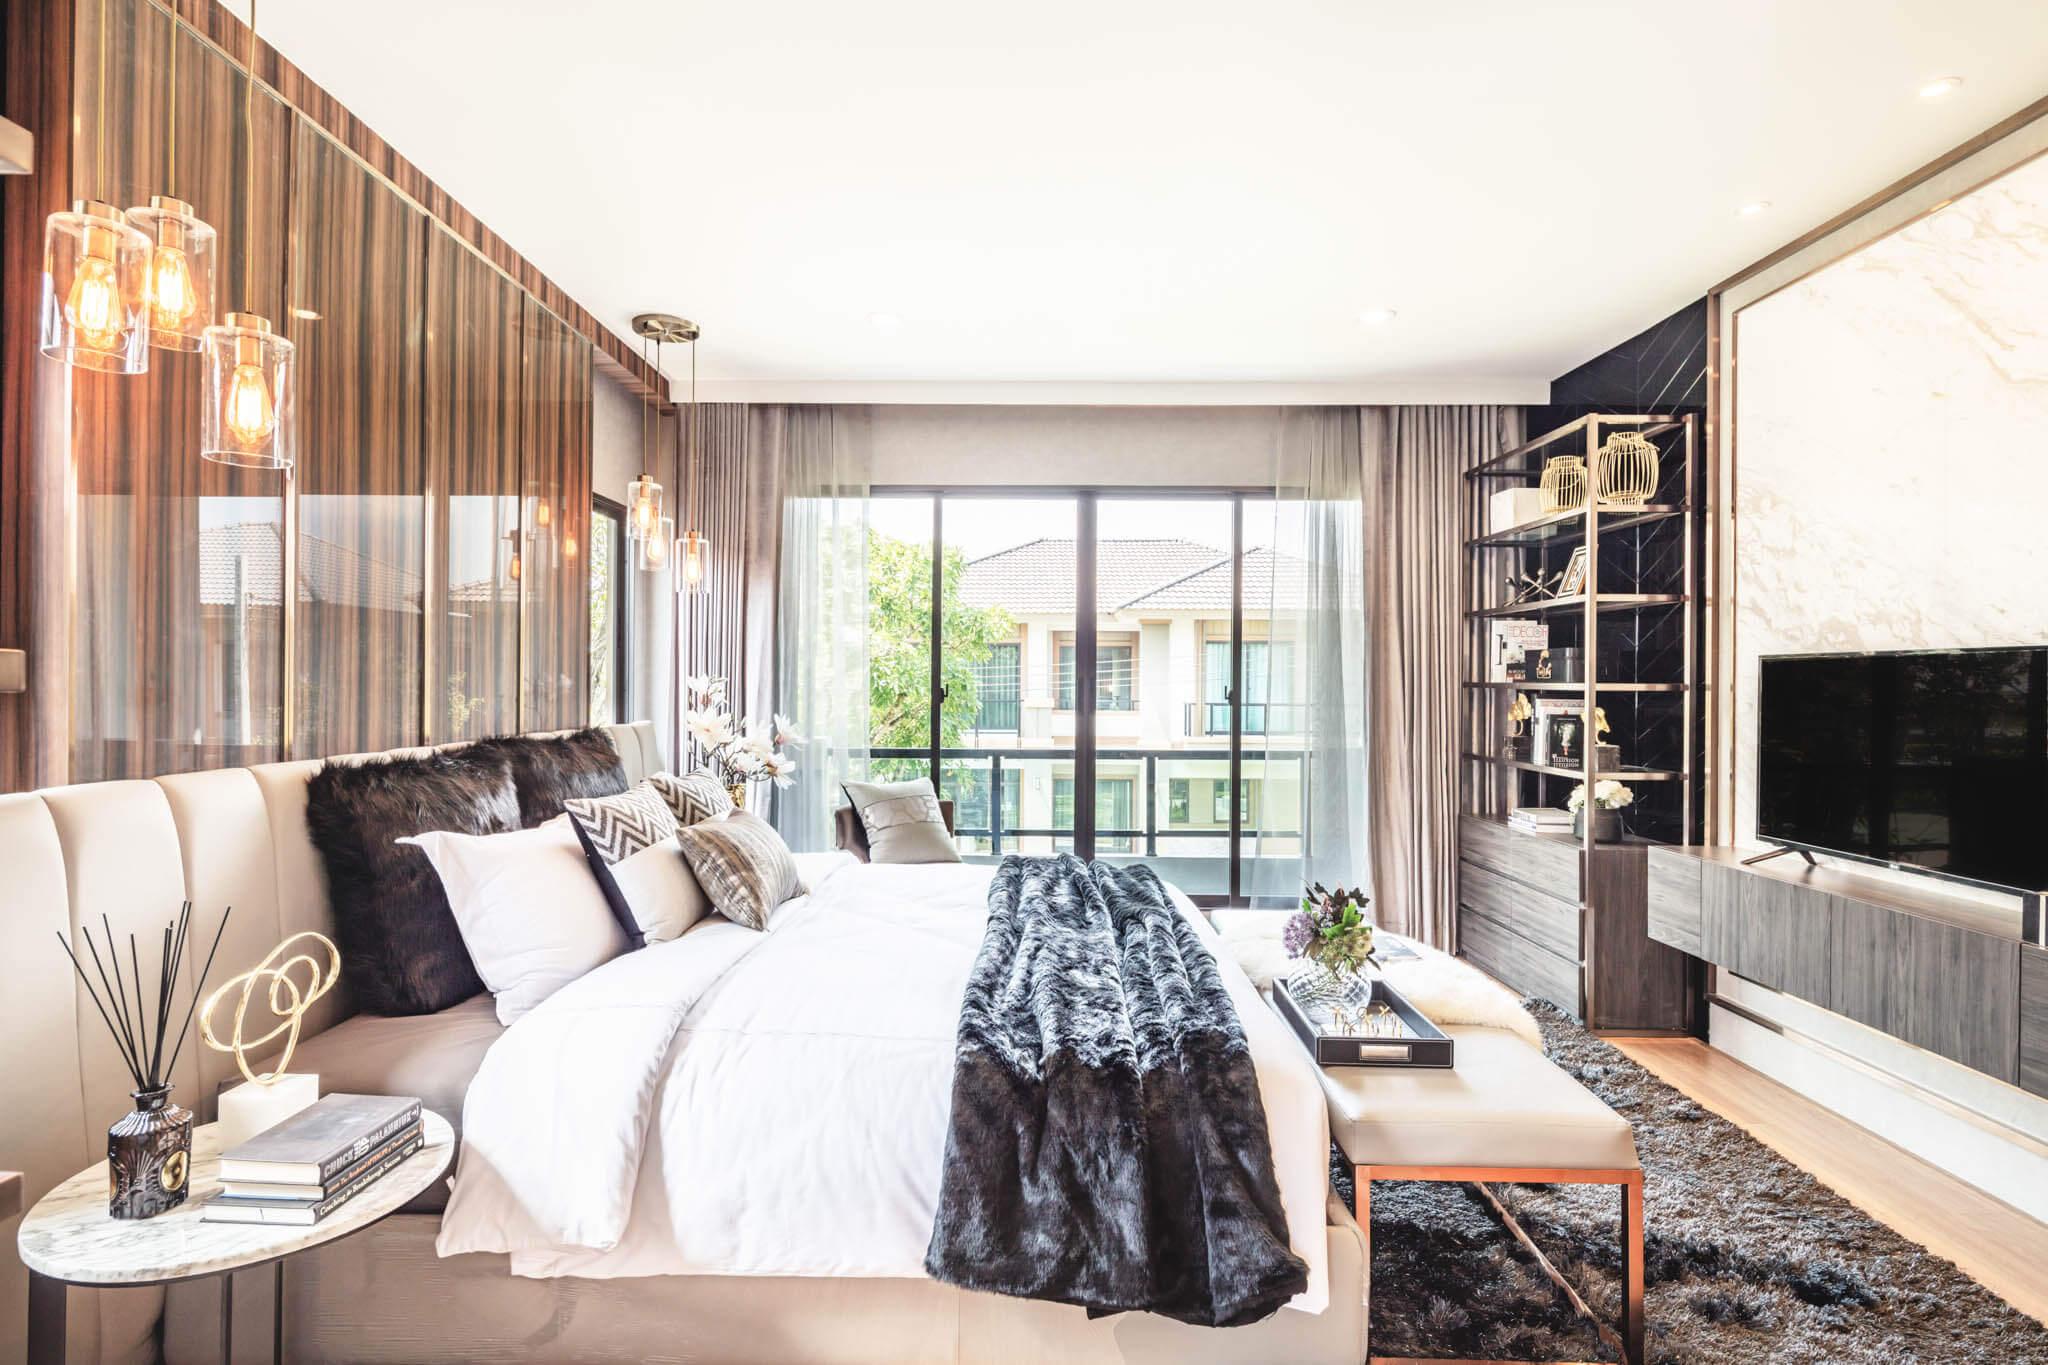 """รู้ก่อนซื้อบ้าน """"ภูมิสถาปัตยกรรม"""" สำคัญกับชีวิตอย่างไร? สัมภาษณ์ภูมิสถาปนิก RAFA 43 - Architect"""